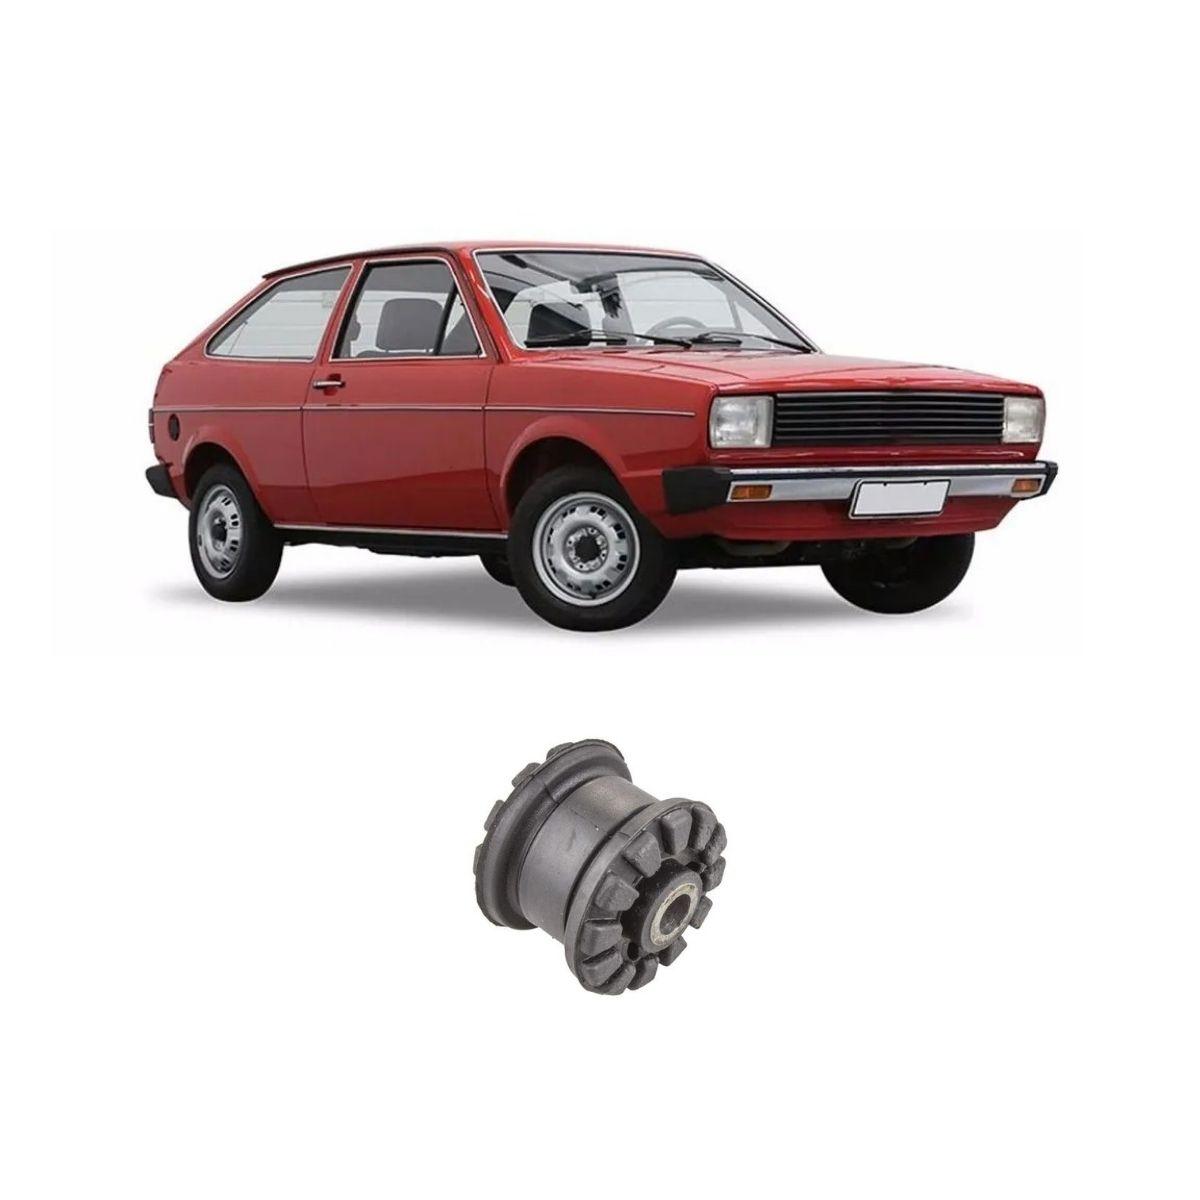 Bucha Bandeja Suspensão Dianteira Volkswagen Gol 1983/1989